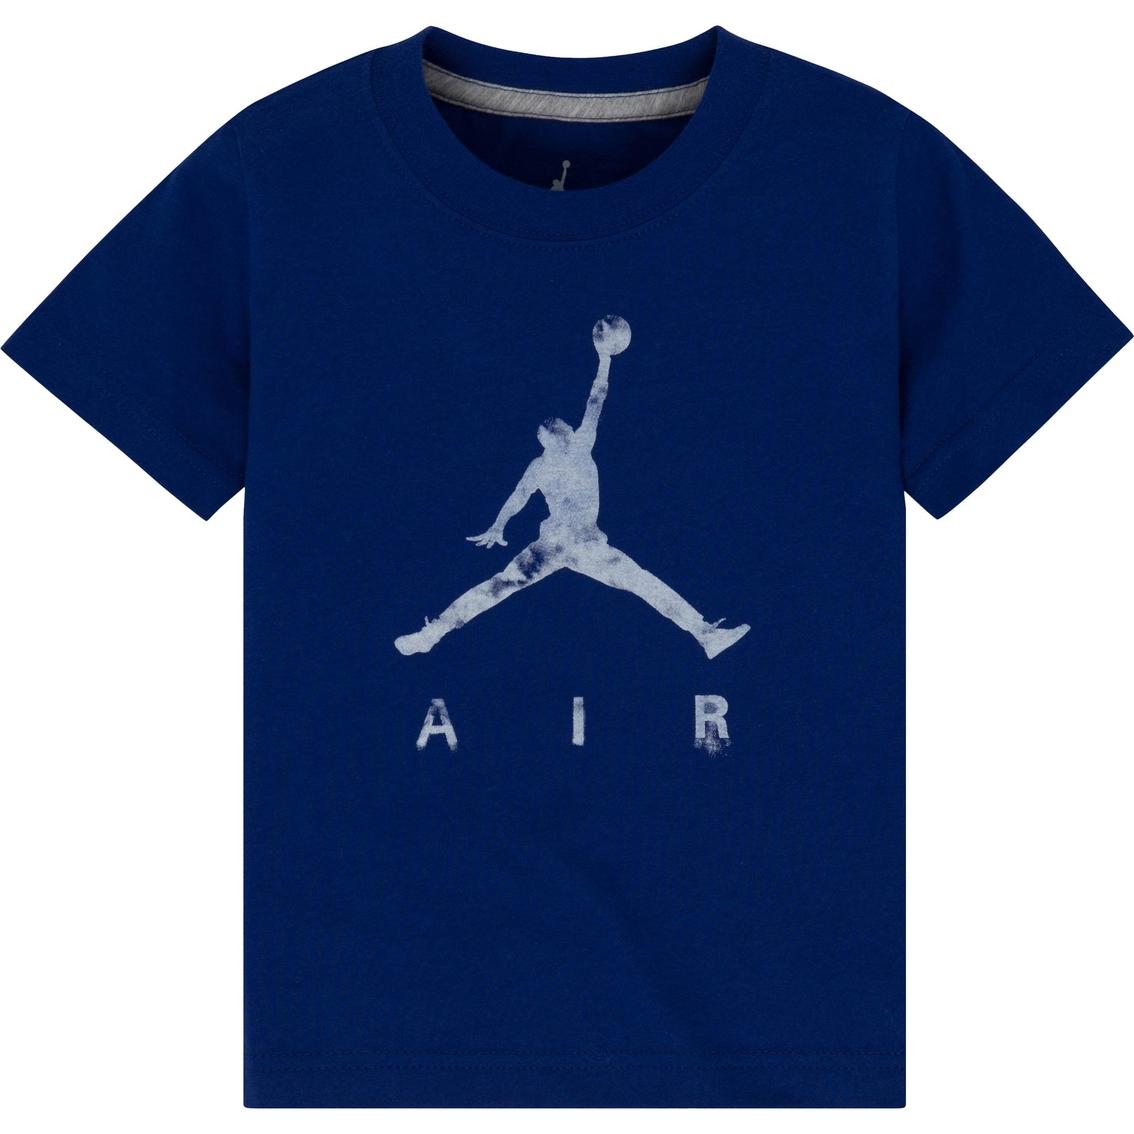 e9dbbea4e0a Nike Jordan Toddler Boys Air Dreams Tee   Toddler Boys 2t-4t ...